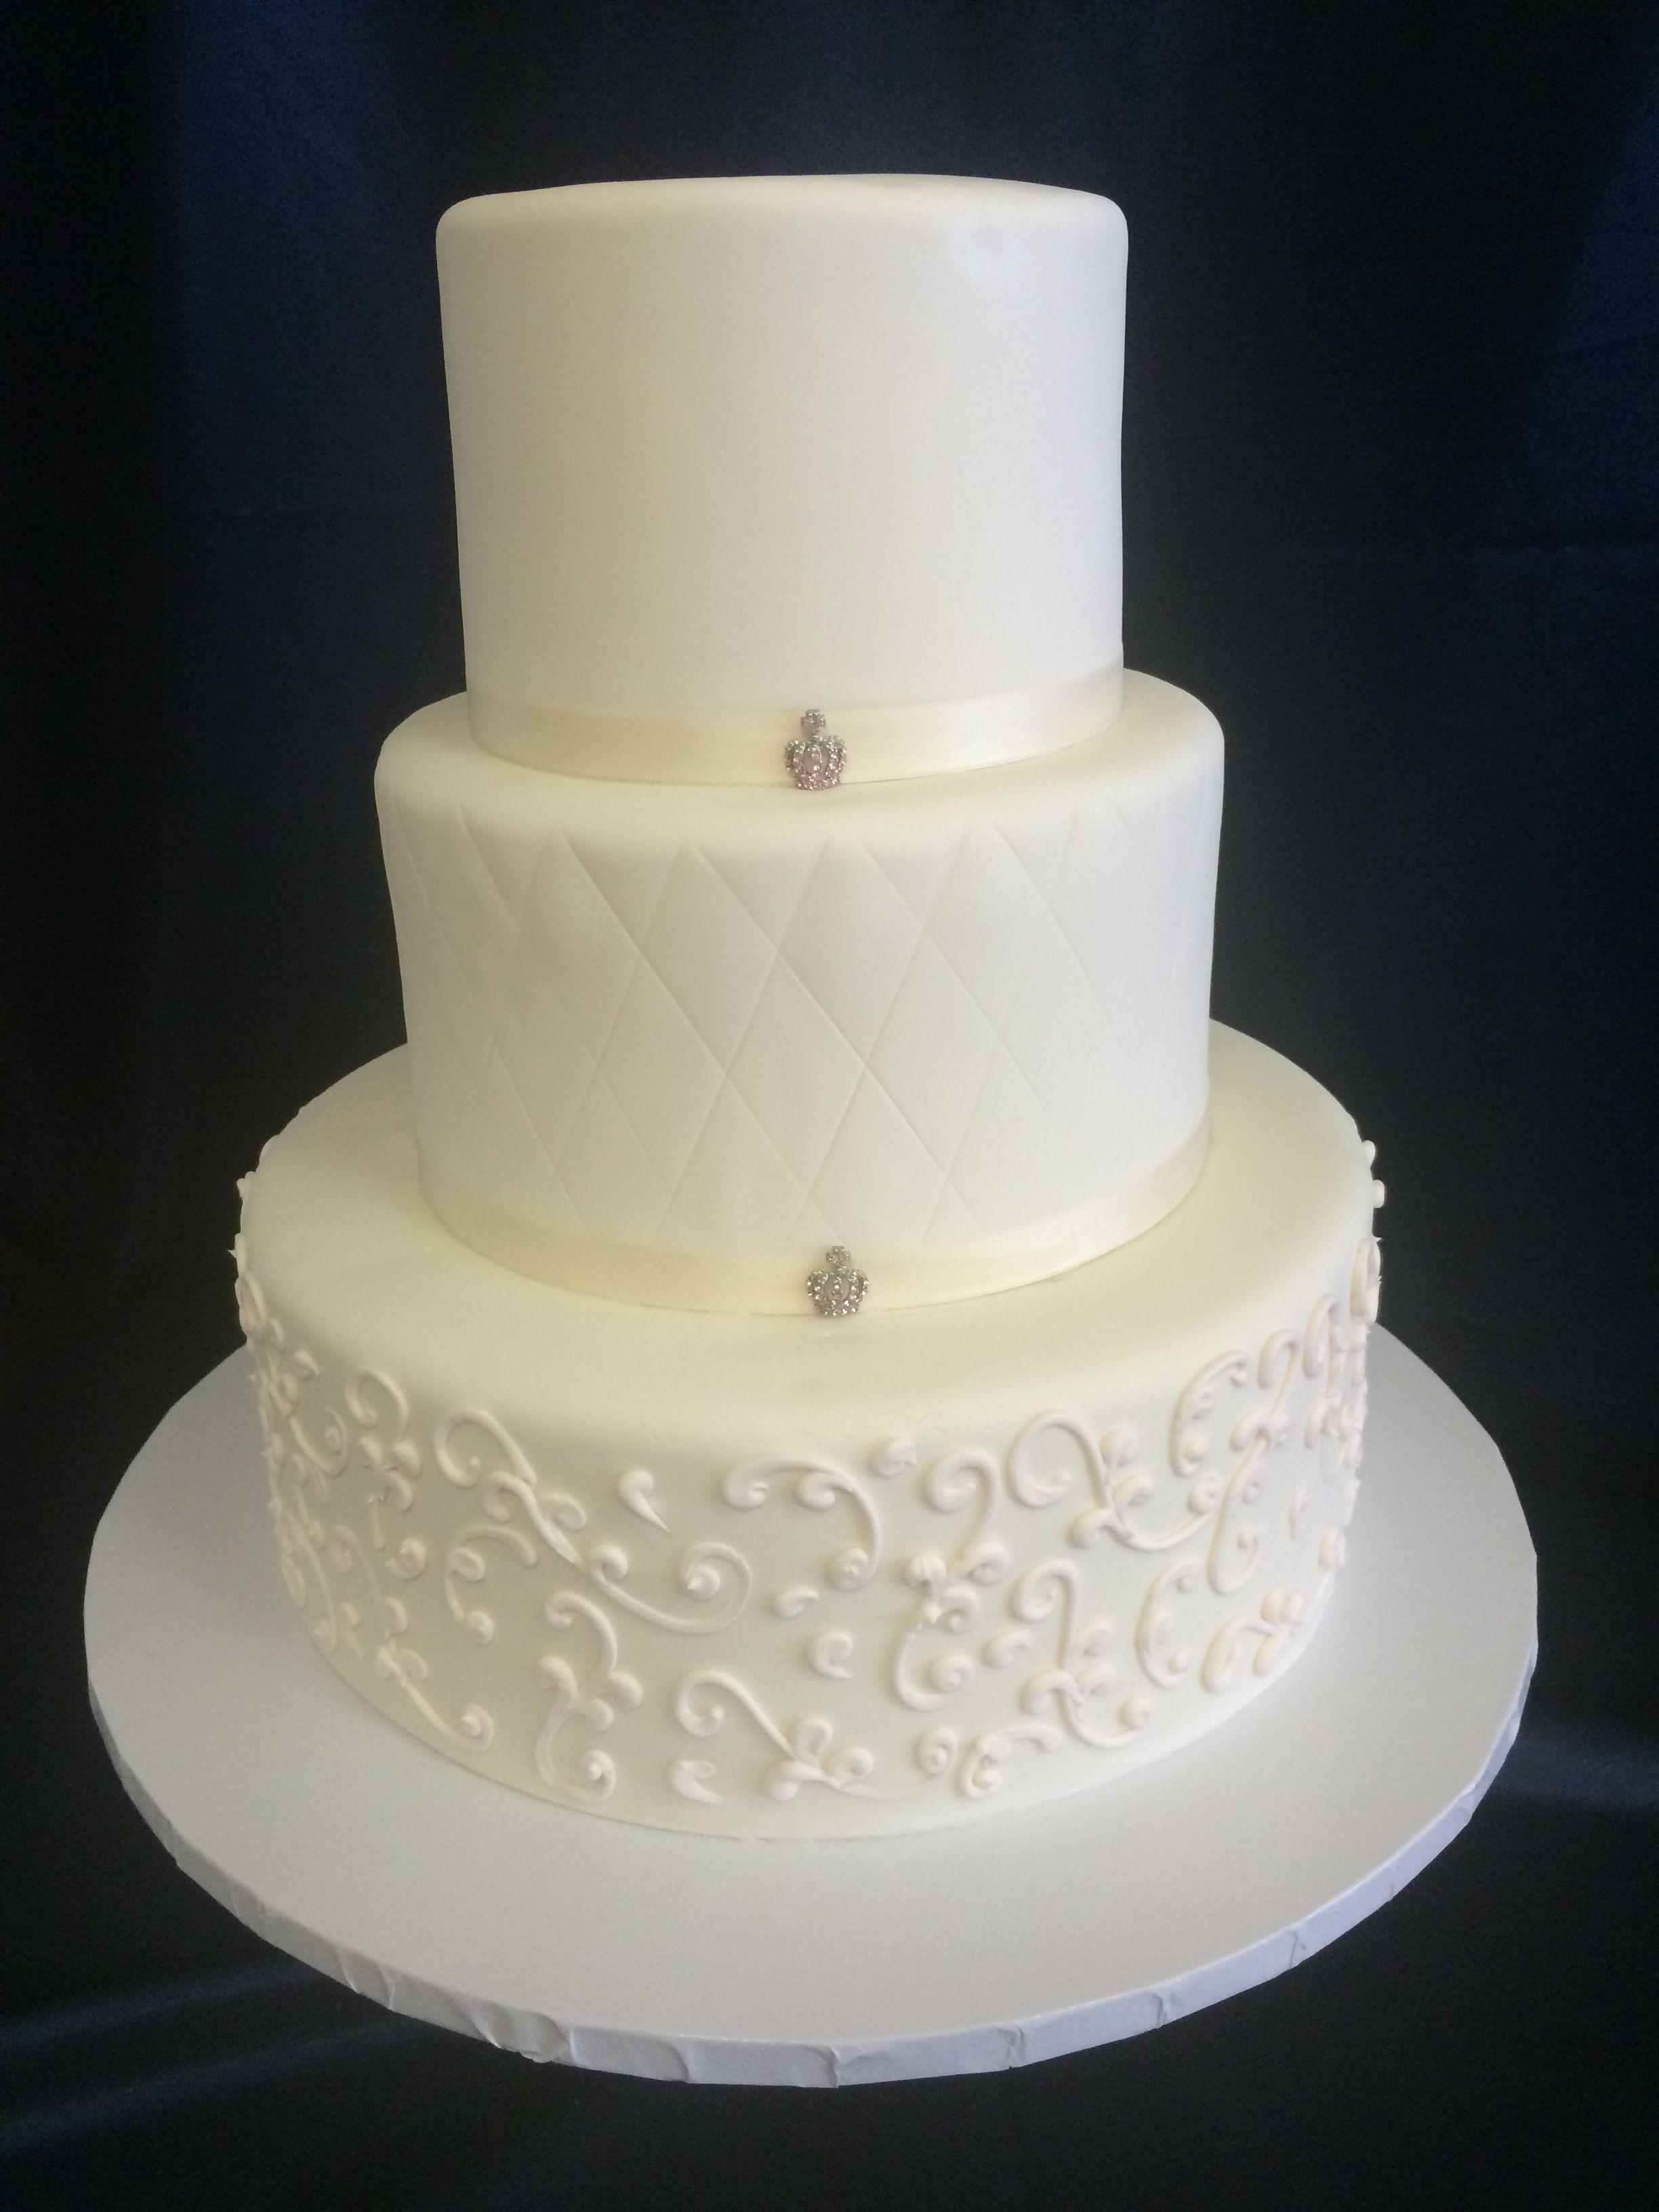 New Xbox Wedding Ring Wedding